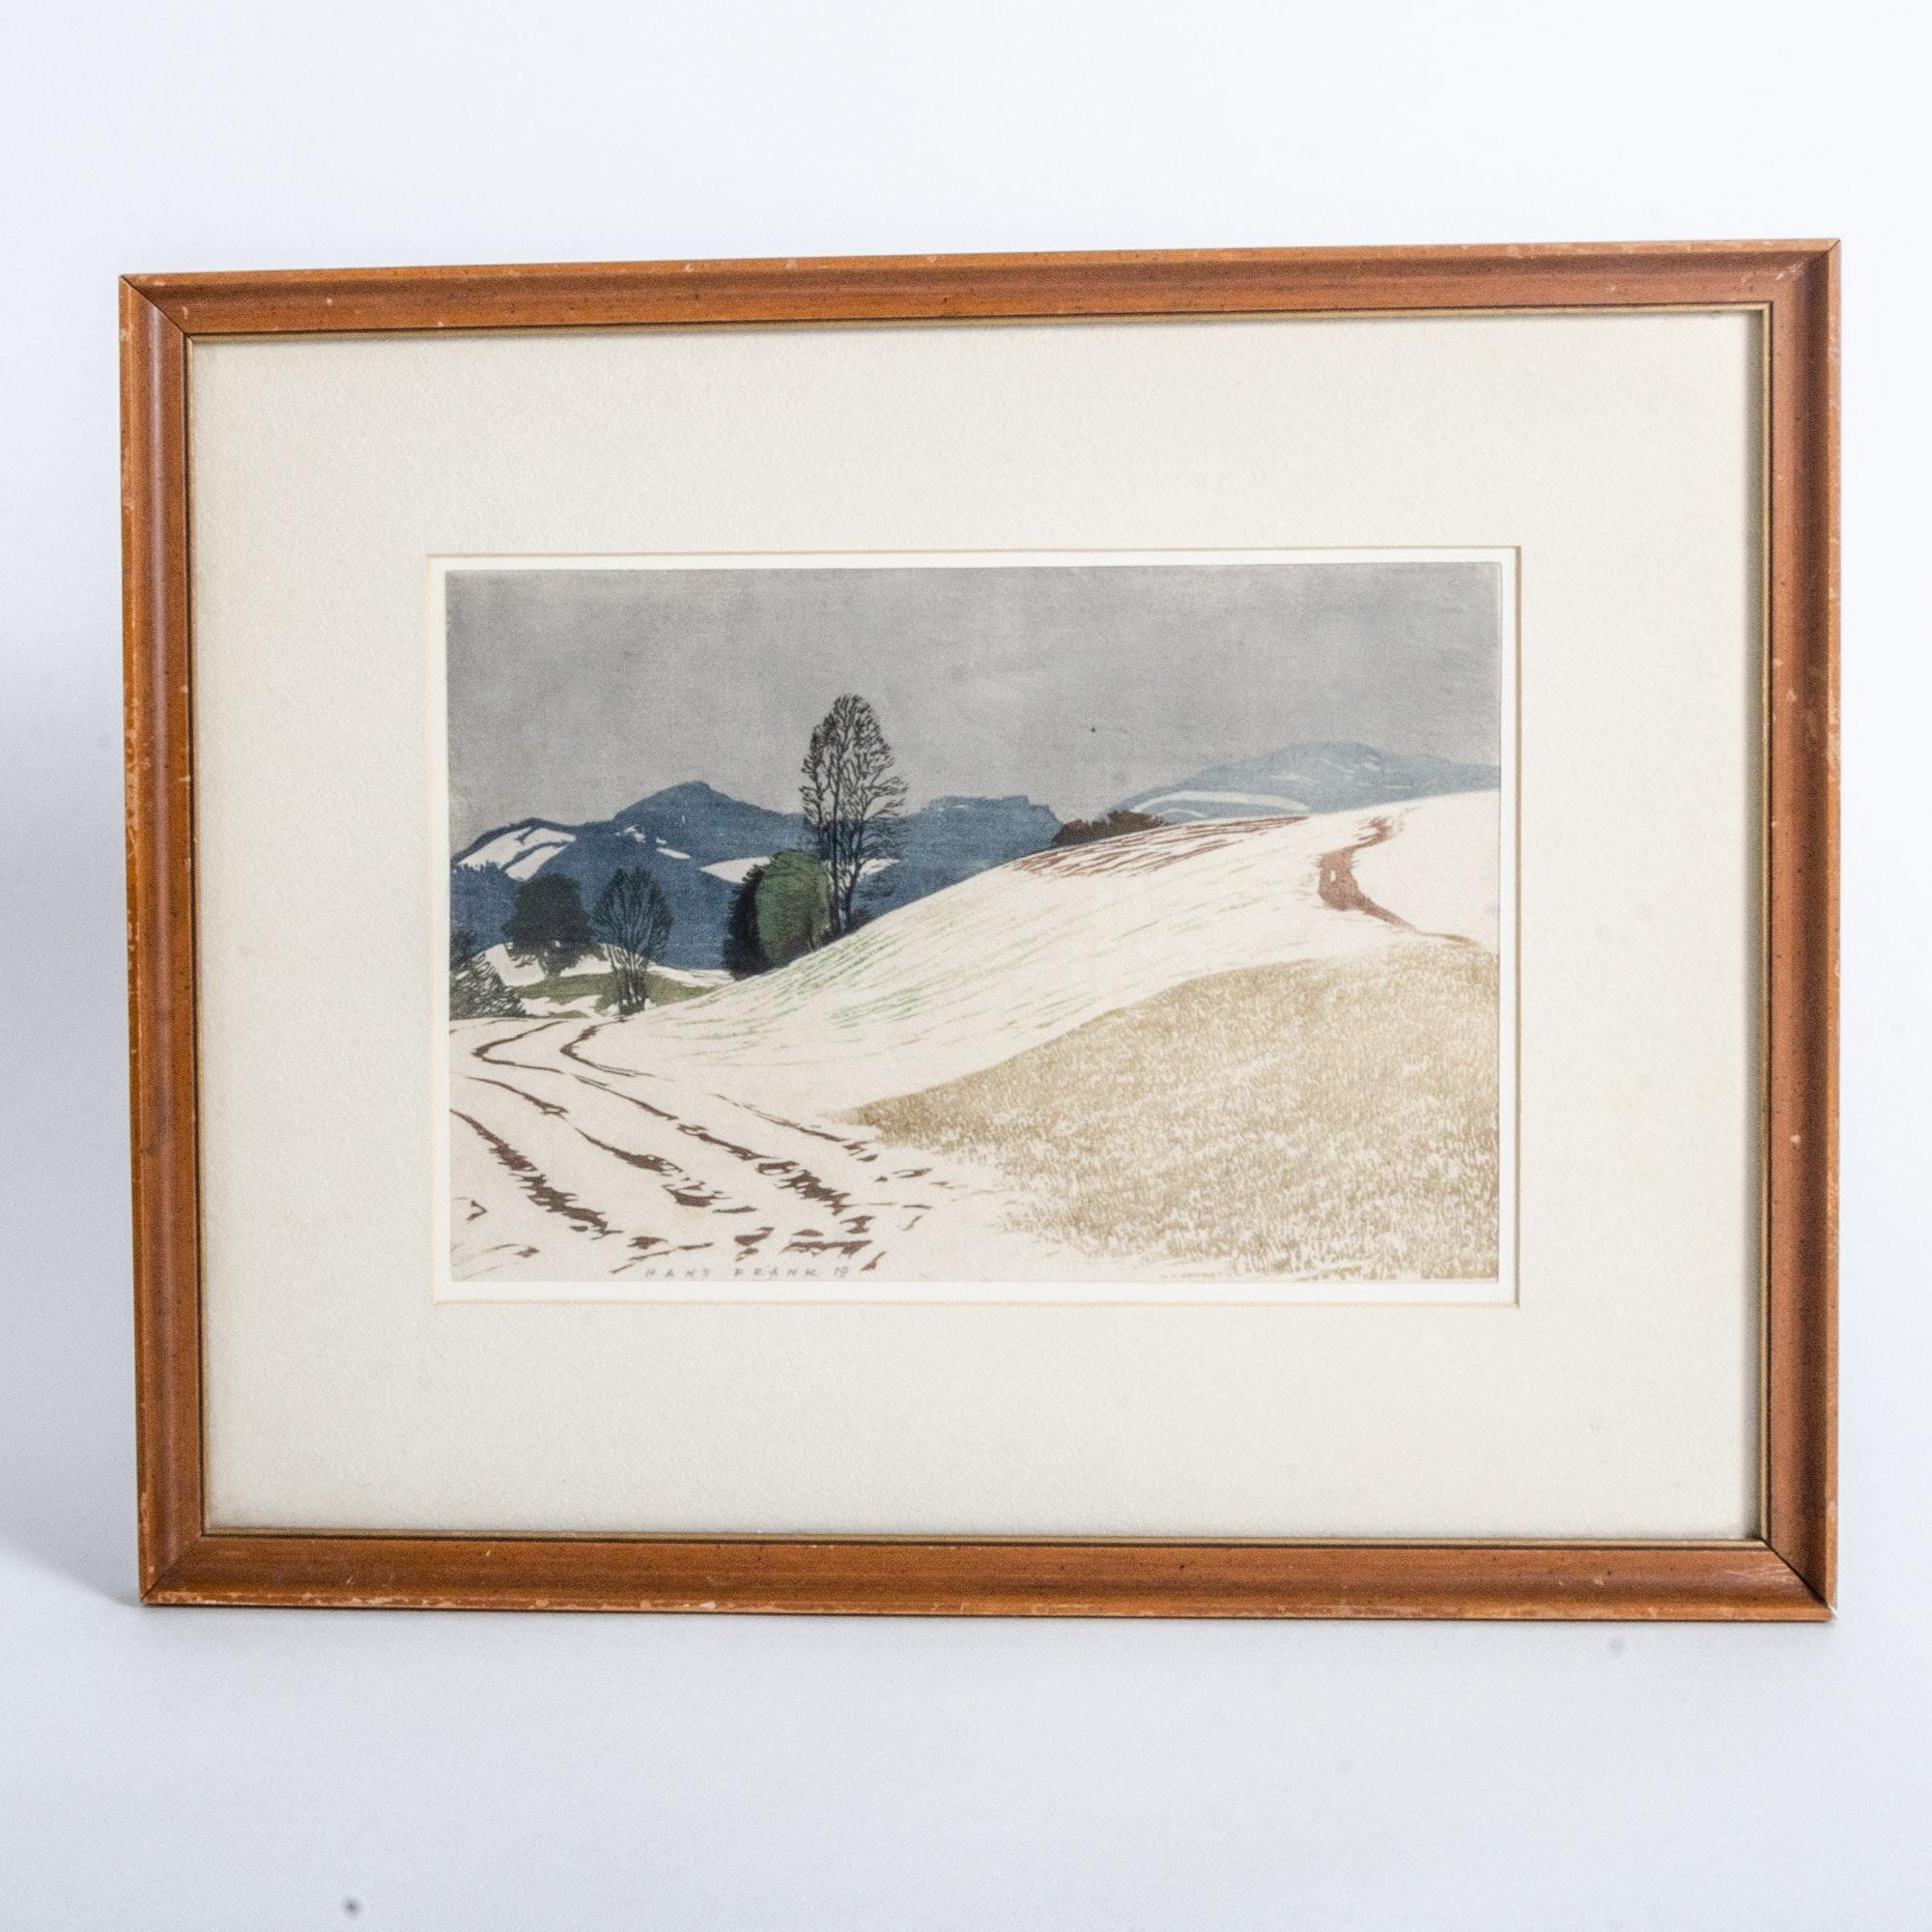 Hans Frank Hand Colored Woodcut, Vienna, Austria Landscape